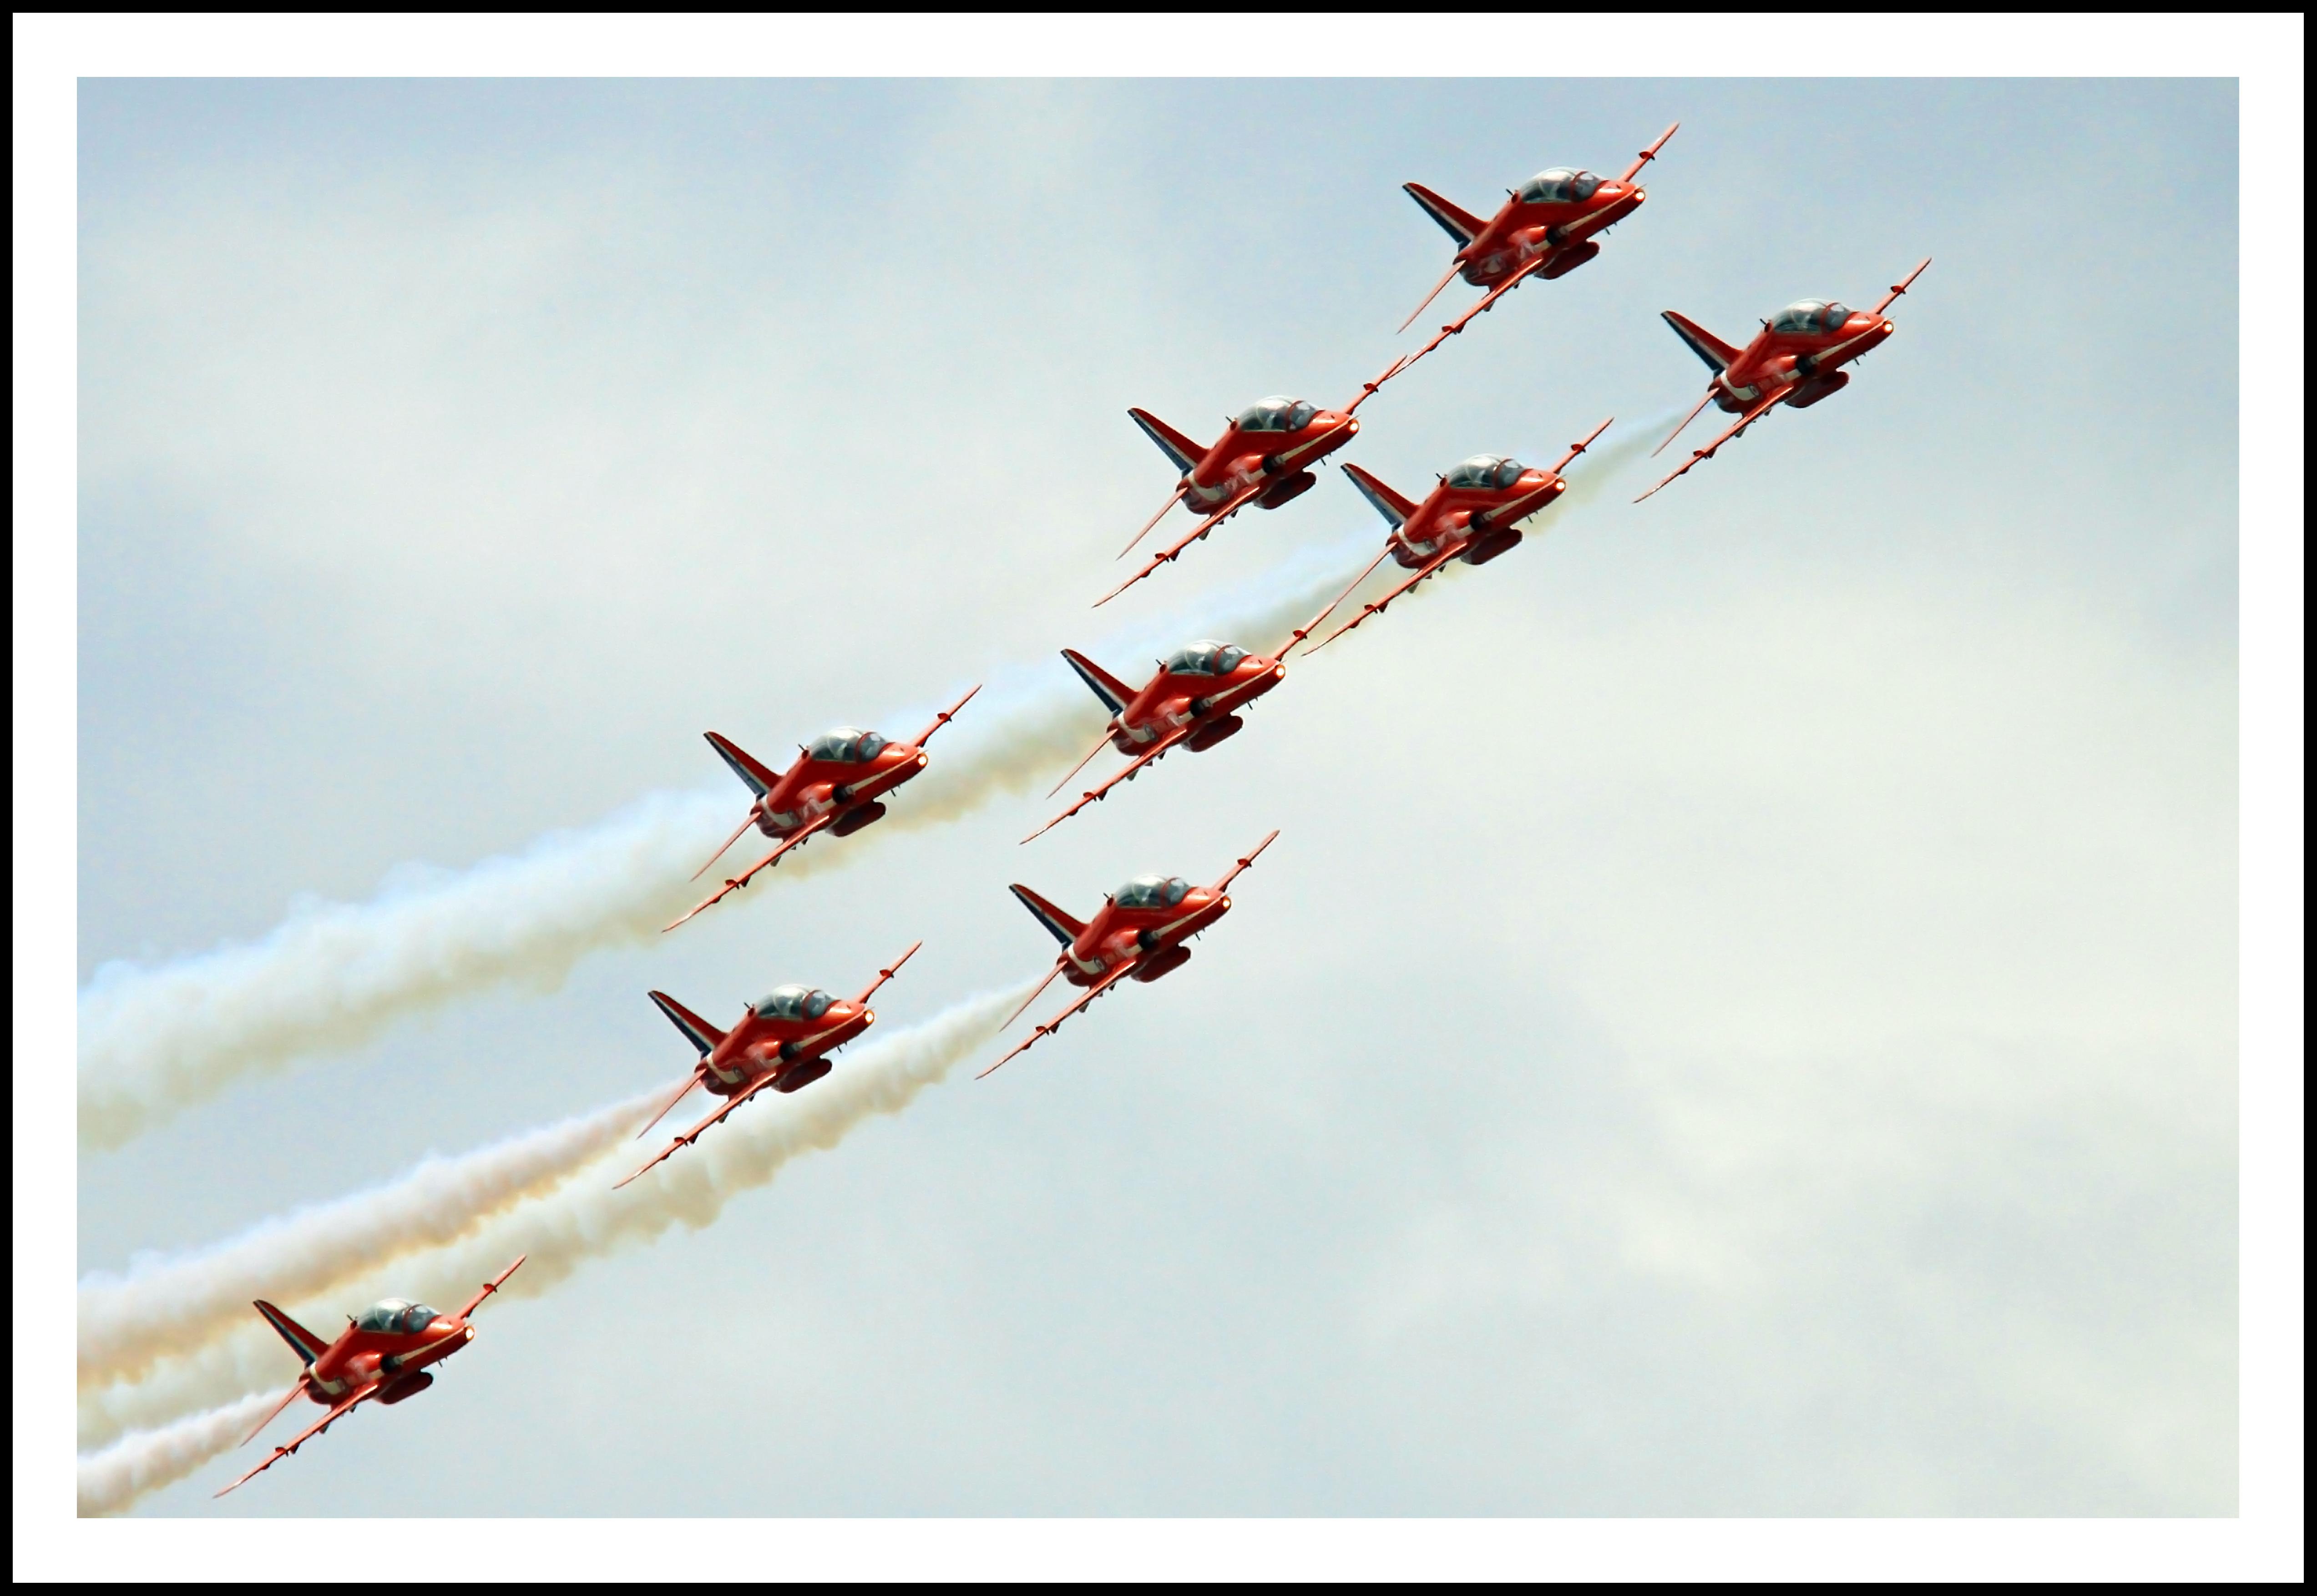 Hintergrundbilder : blau, Cambridge, rot, England, Himmel, Weiß ...